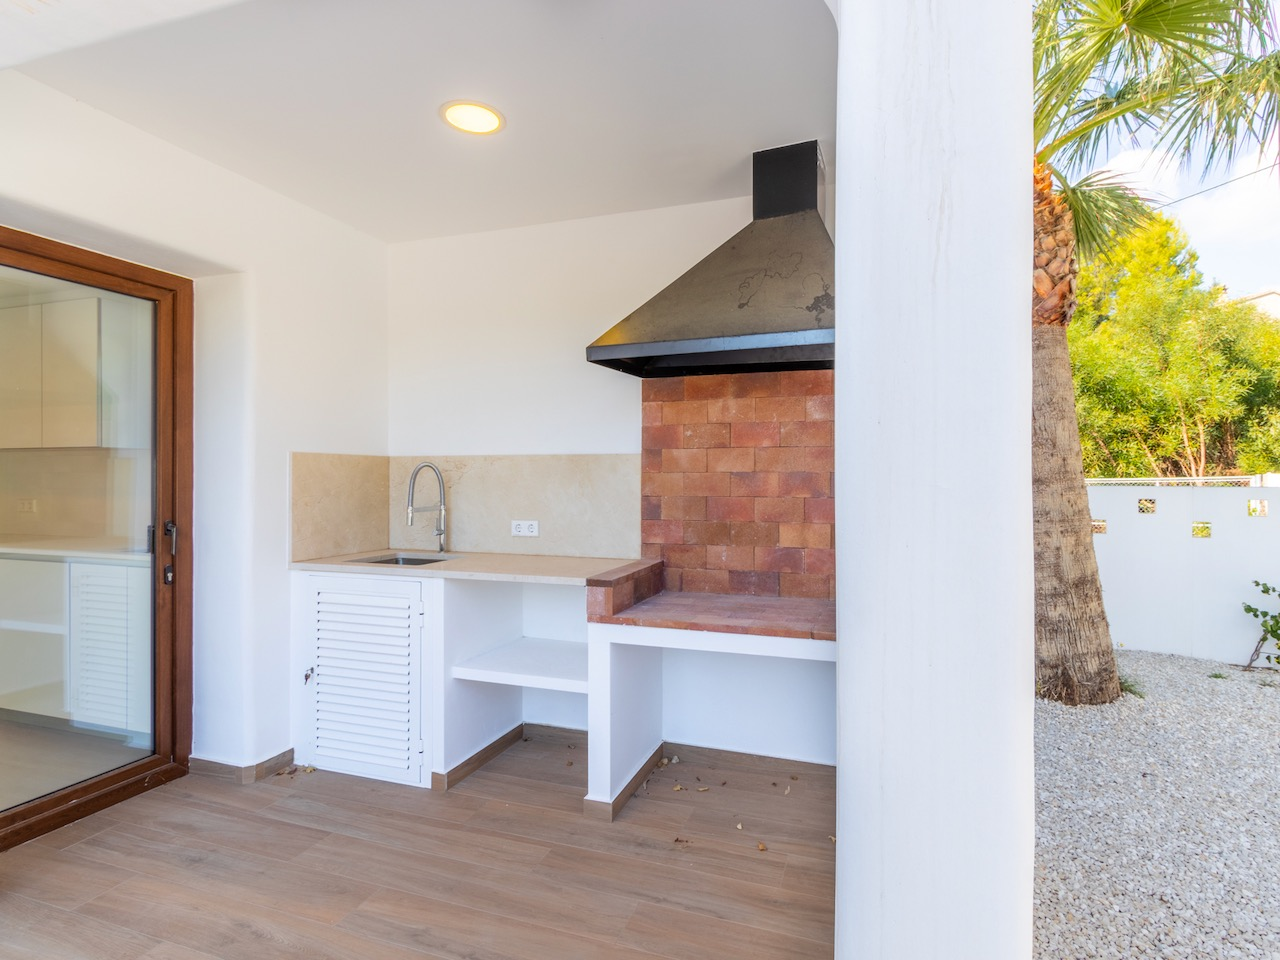 New build Villa For Sale in Calpe, Alicante